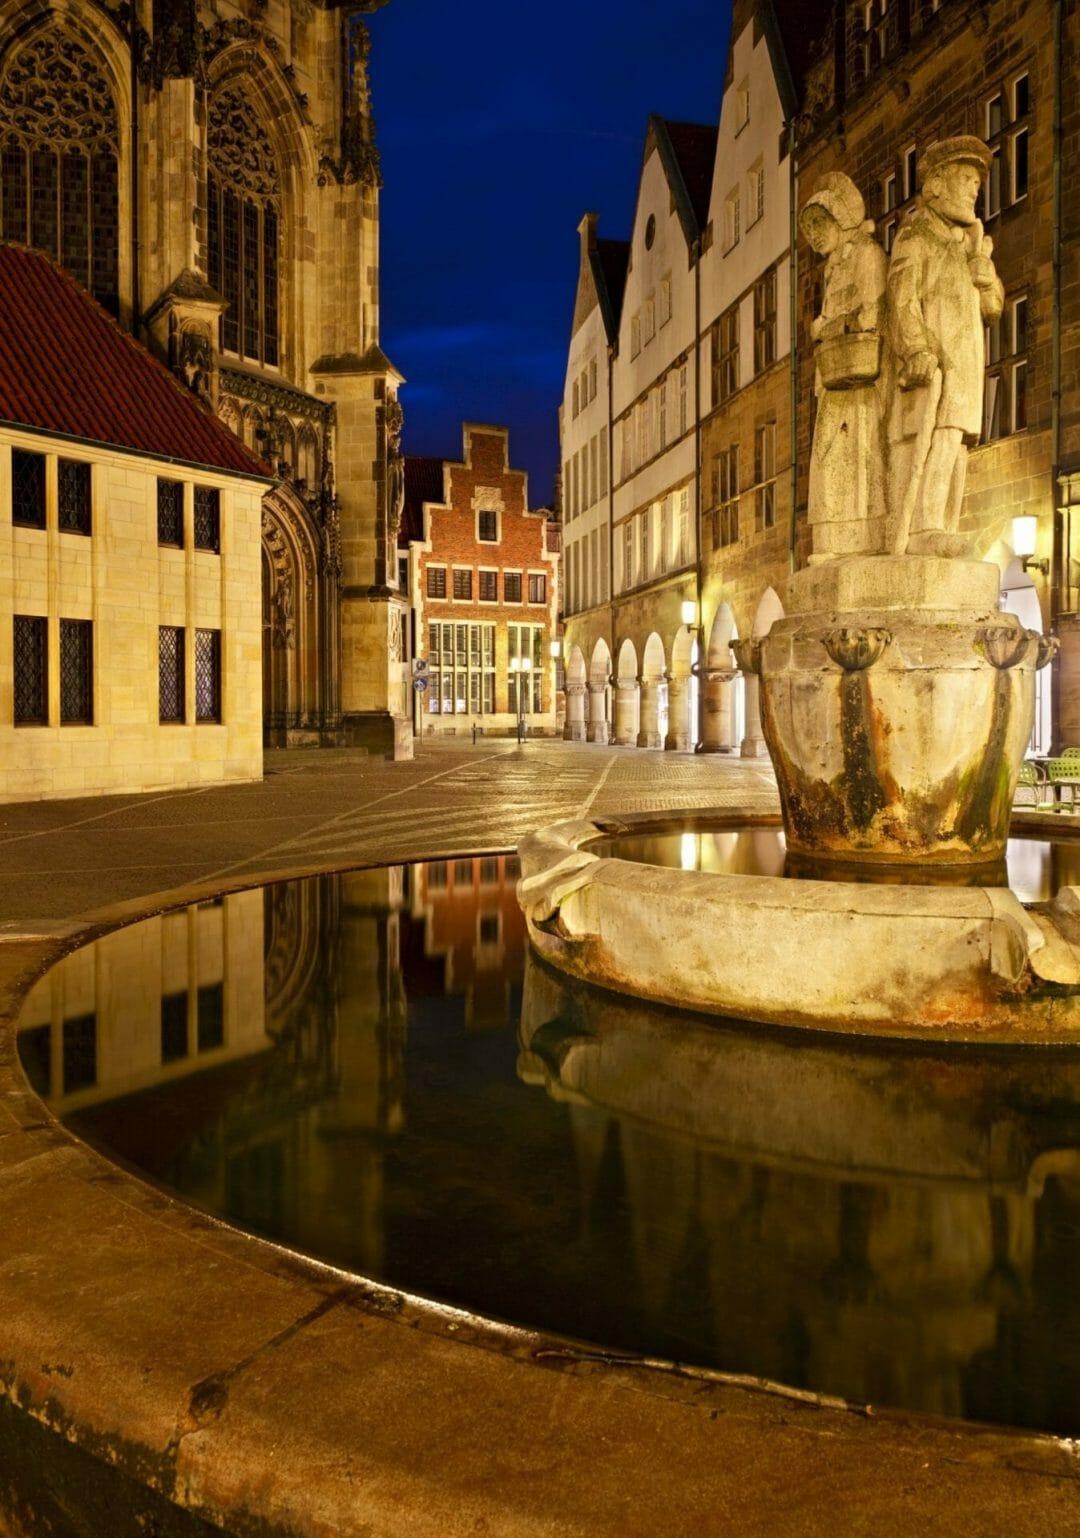 Berufsberatung in Münster - Münster Nachtbild